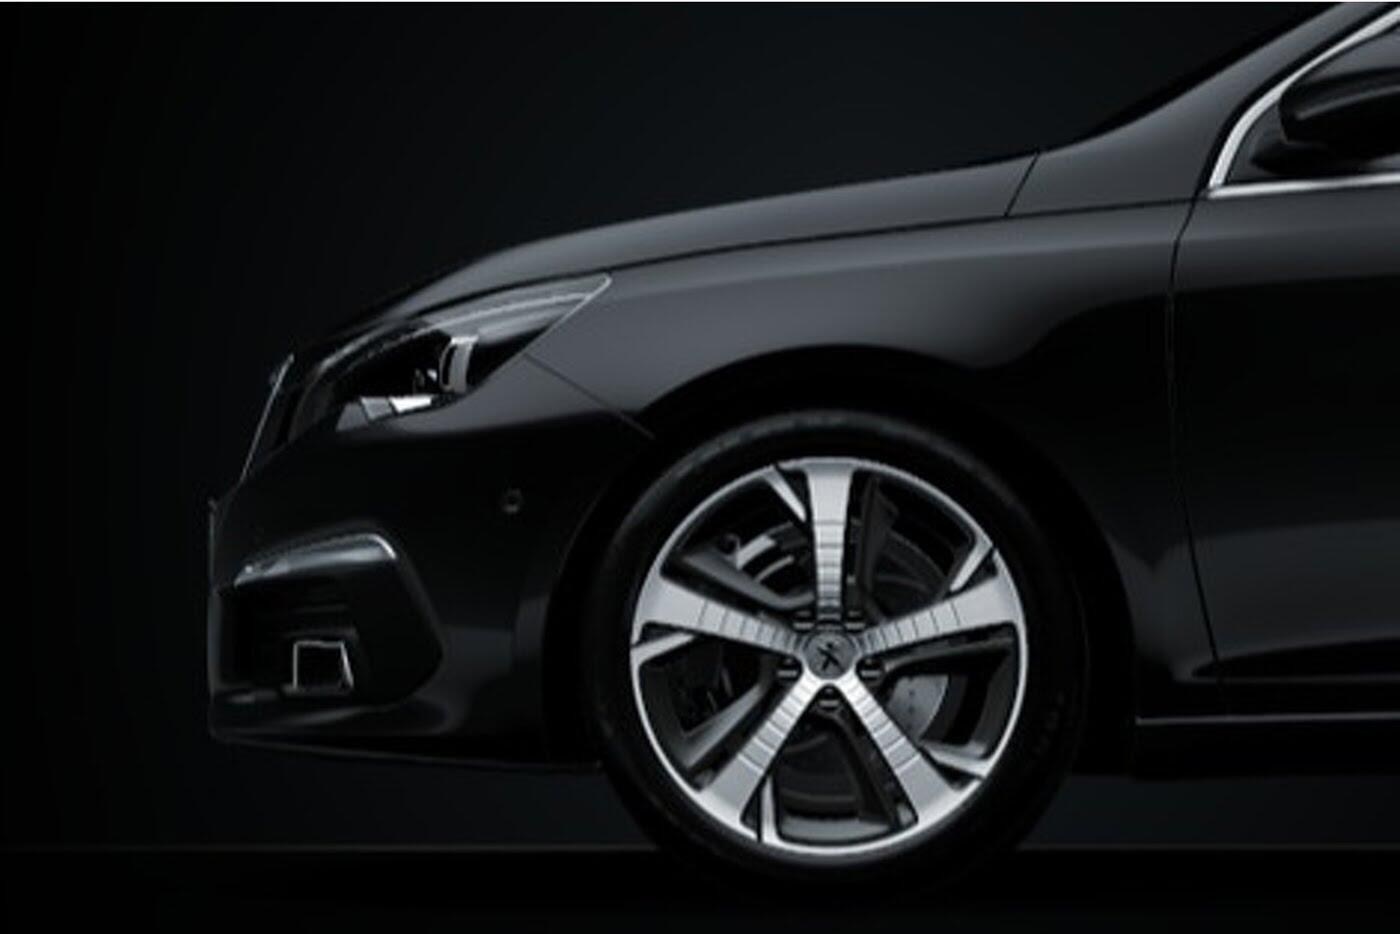 Thêm thông tin về động cơ của Peugeot 308 bản nâng cấp 2018 - Hình 3